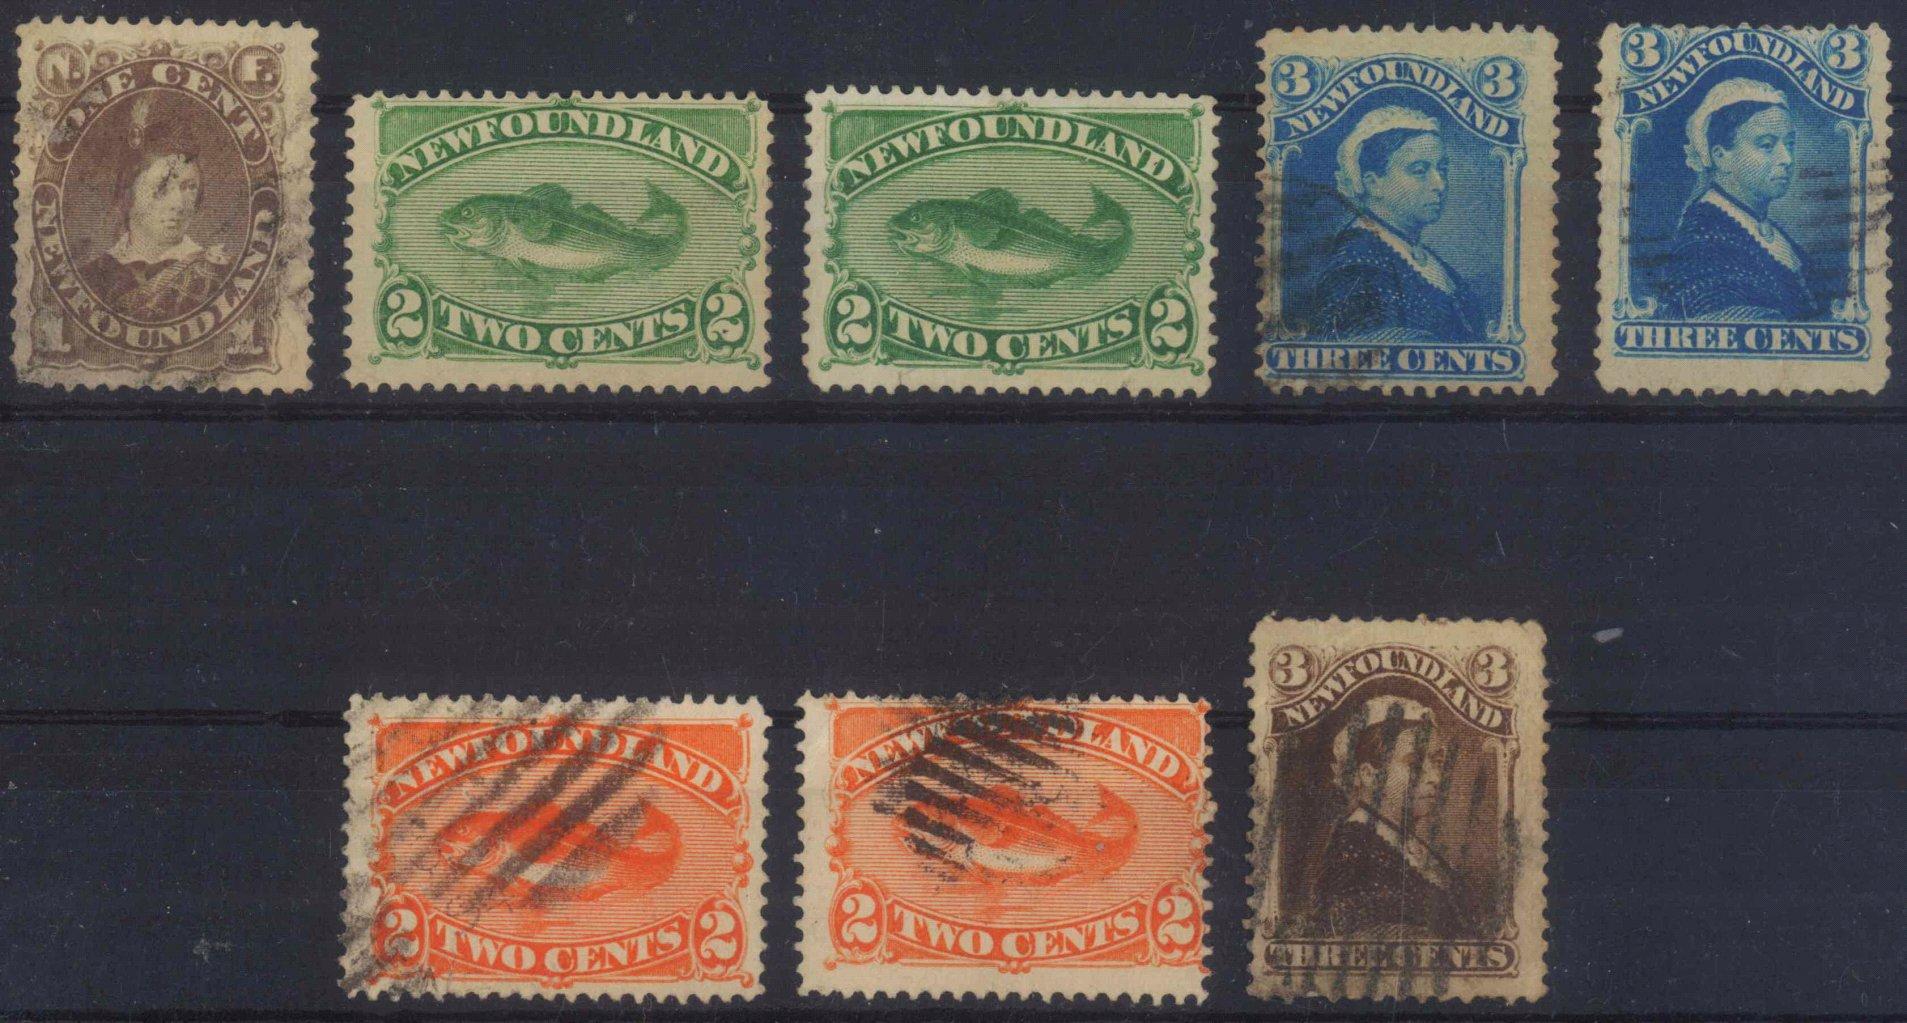 1880 NEUFUNDLAND